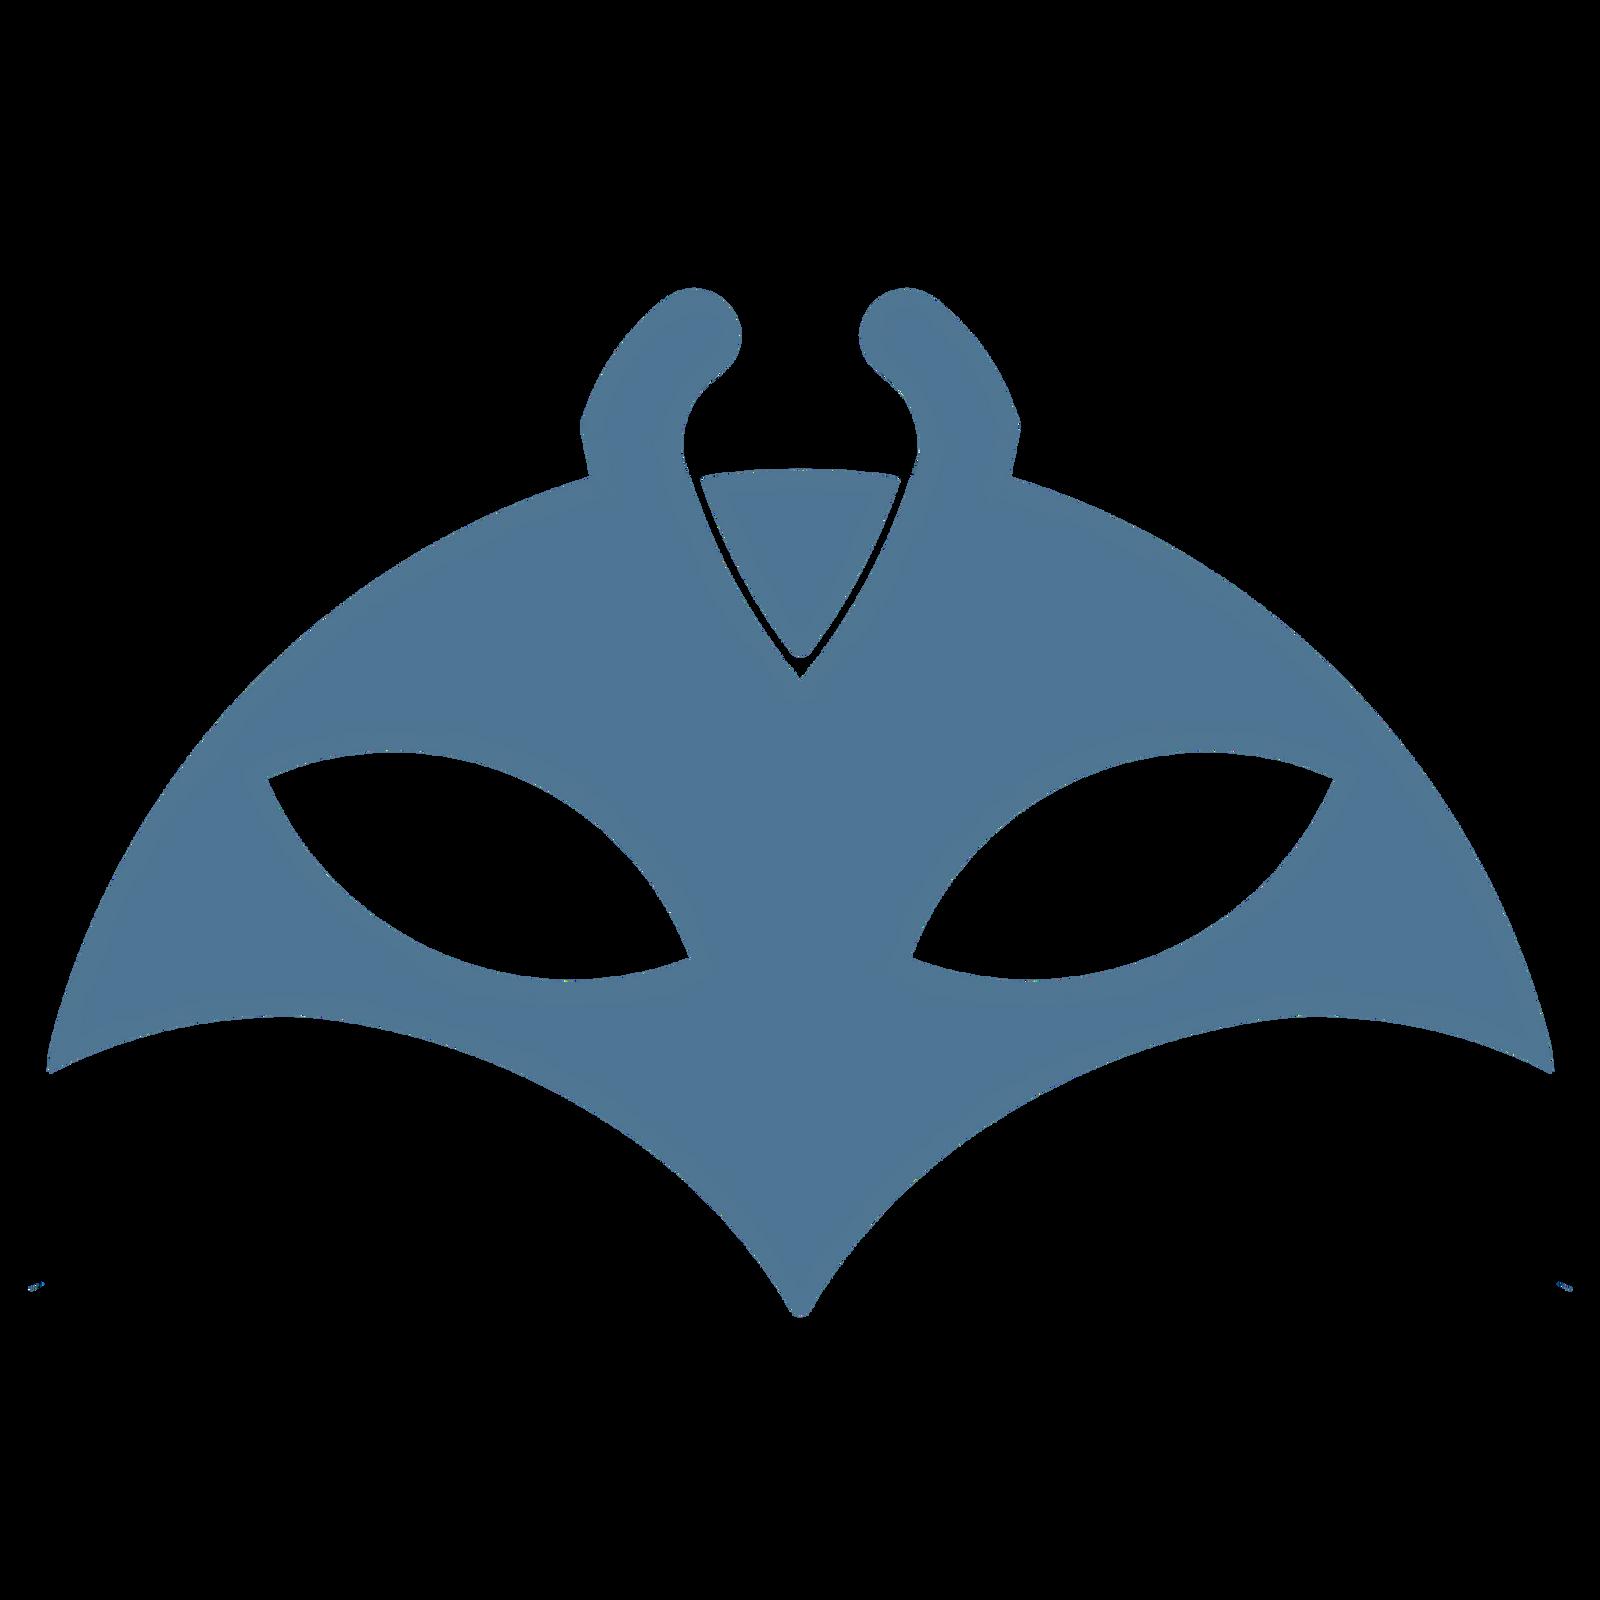 Ausgezeichnet Symbol Dc Ideen - Der Schaltplan - raydavisrealtor.info